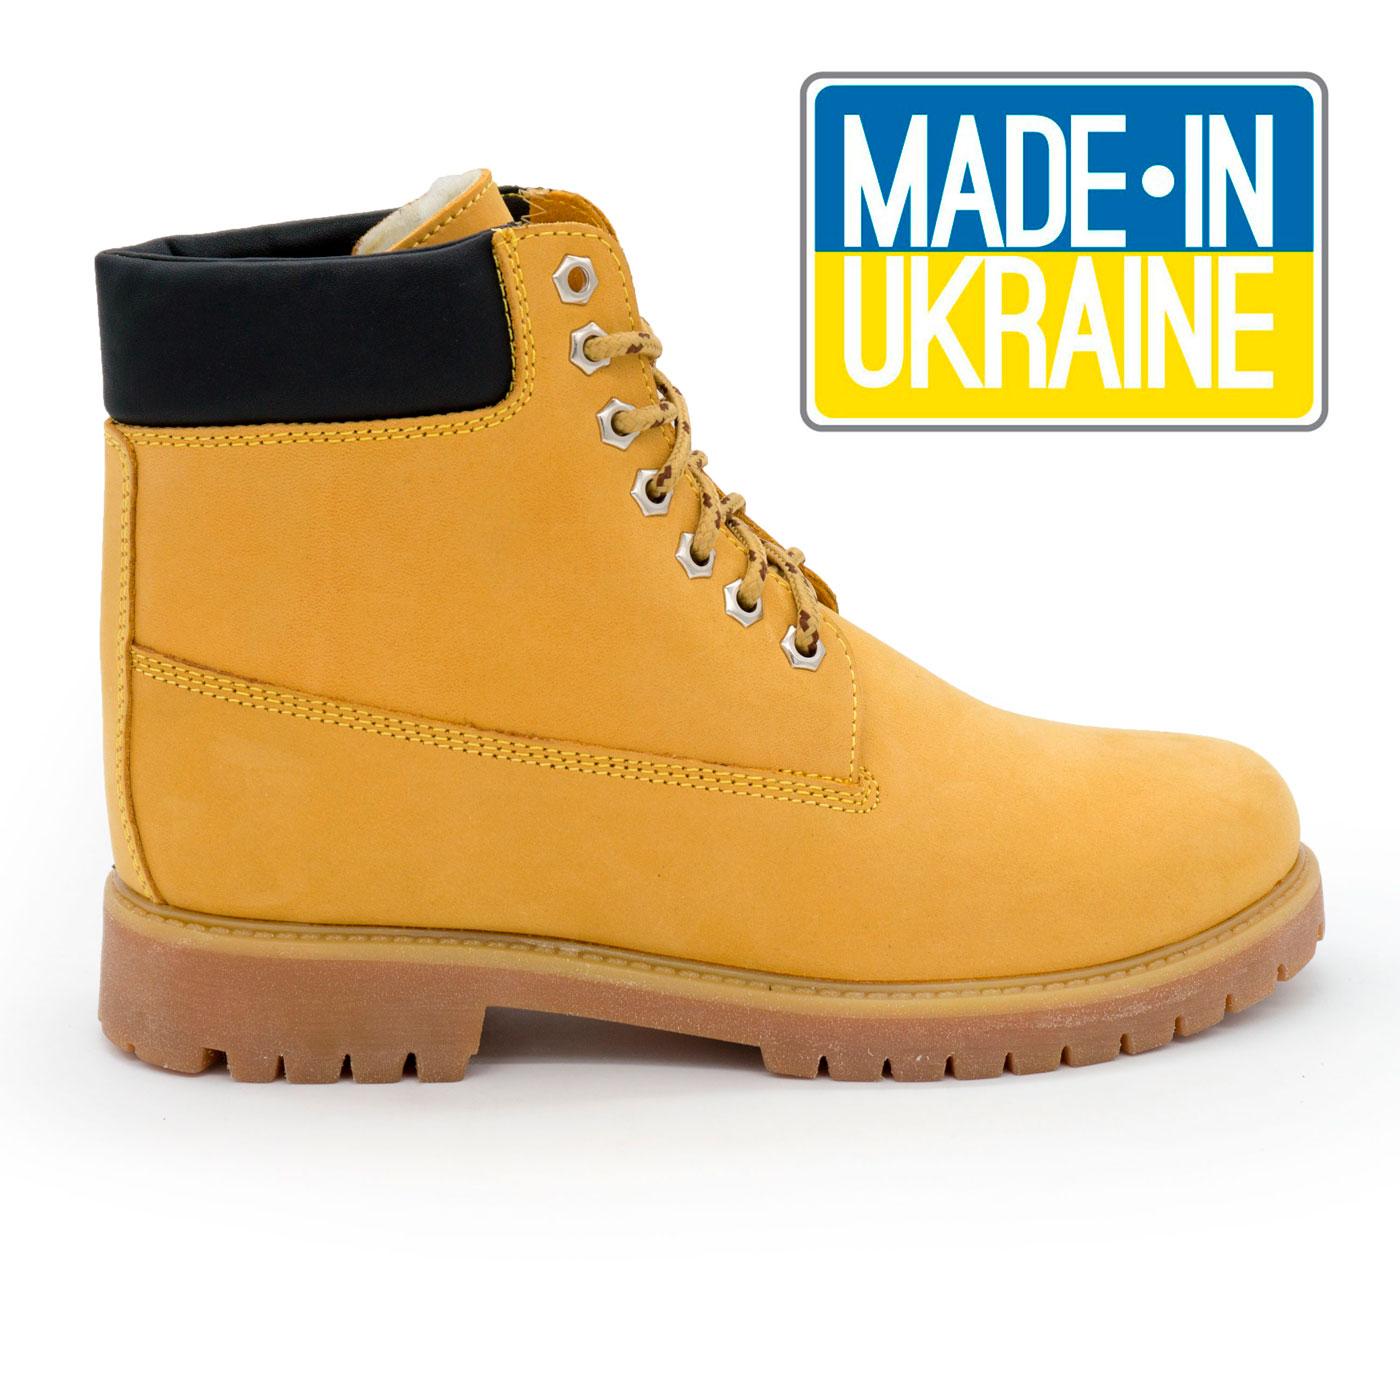 d4c449fb ... фото main Желтые женские ботинки Реплика Timberland 102 (сделано в  Украине) main ...